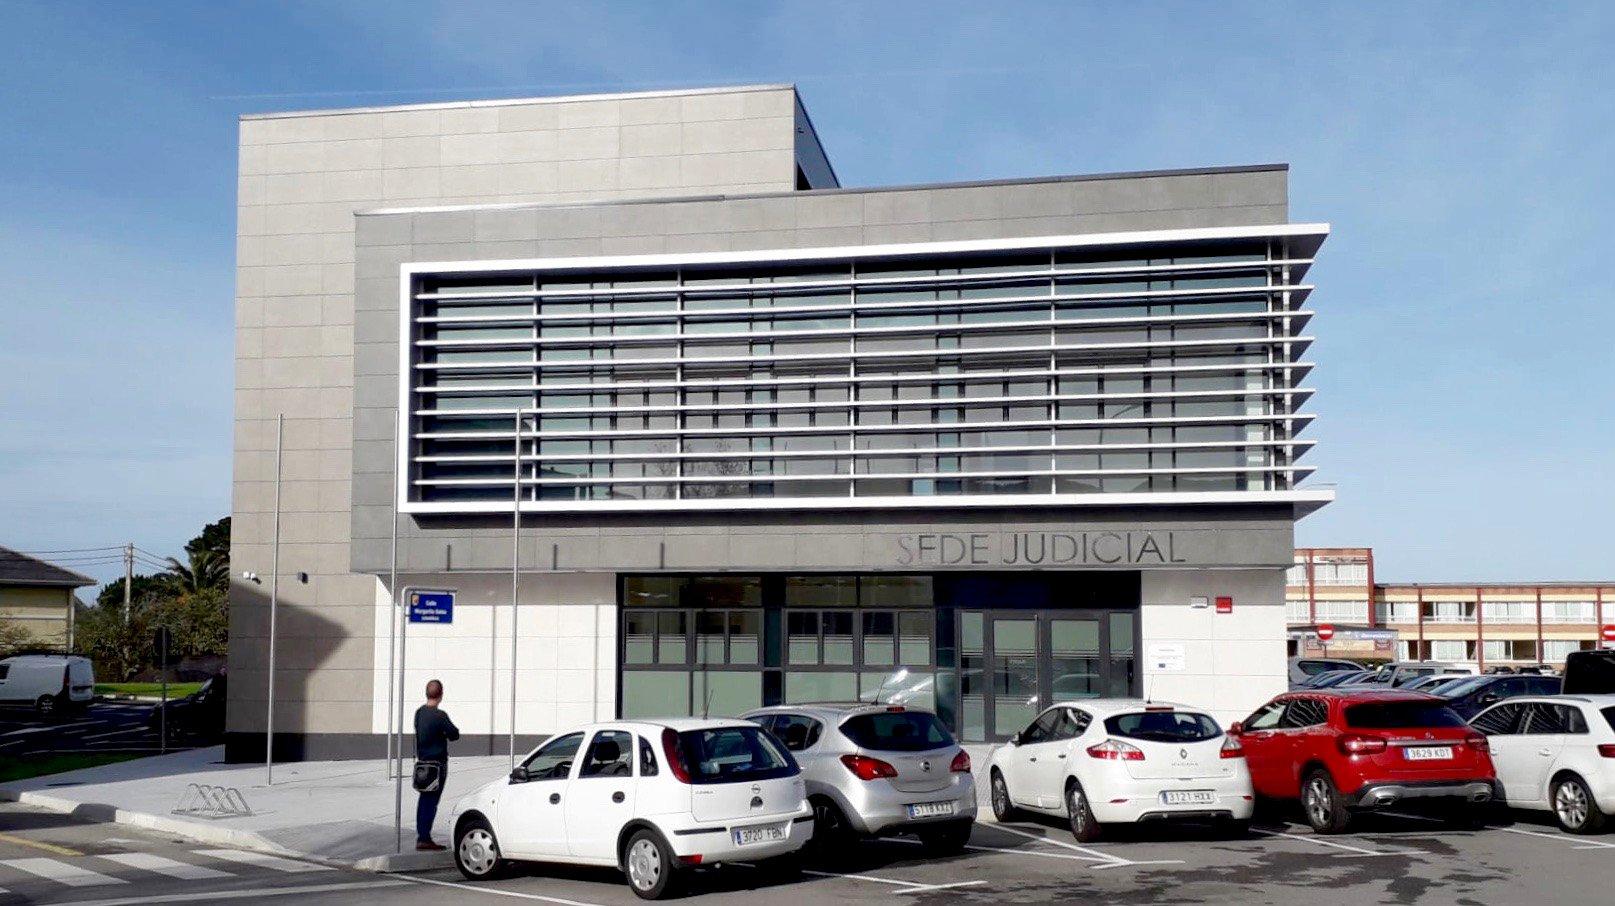 La nueva sede del juzgado de Luarca entrará en funcionamiento el 30 de noviembre con una superficie que duplica la actual